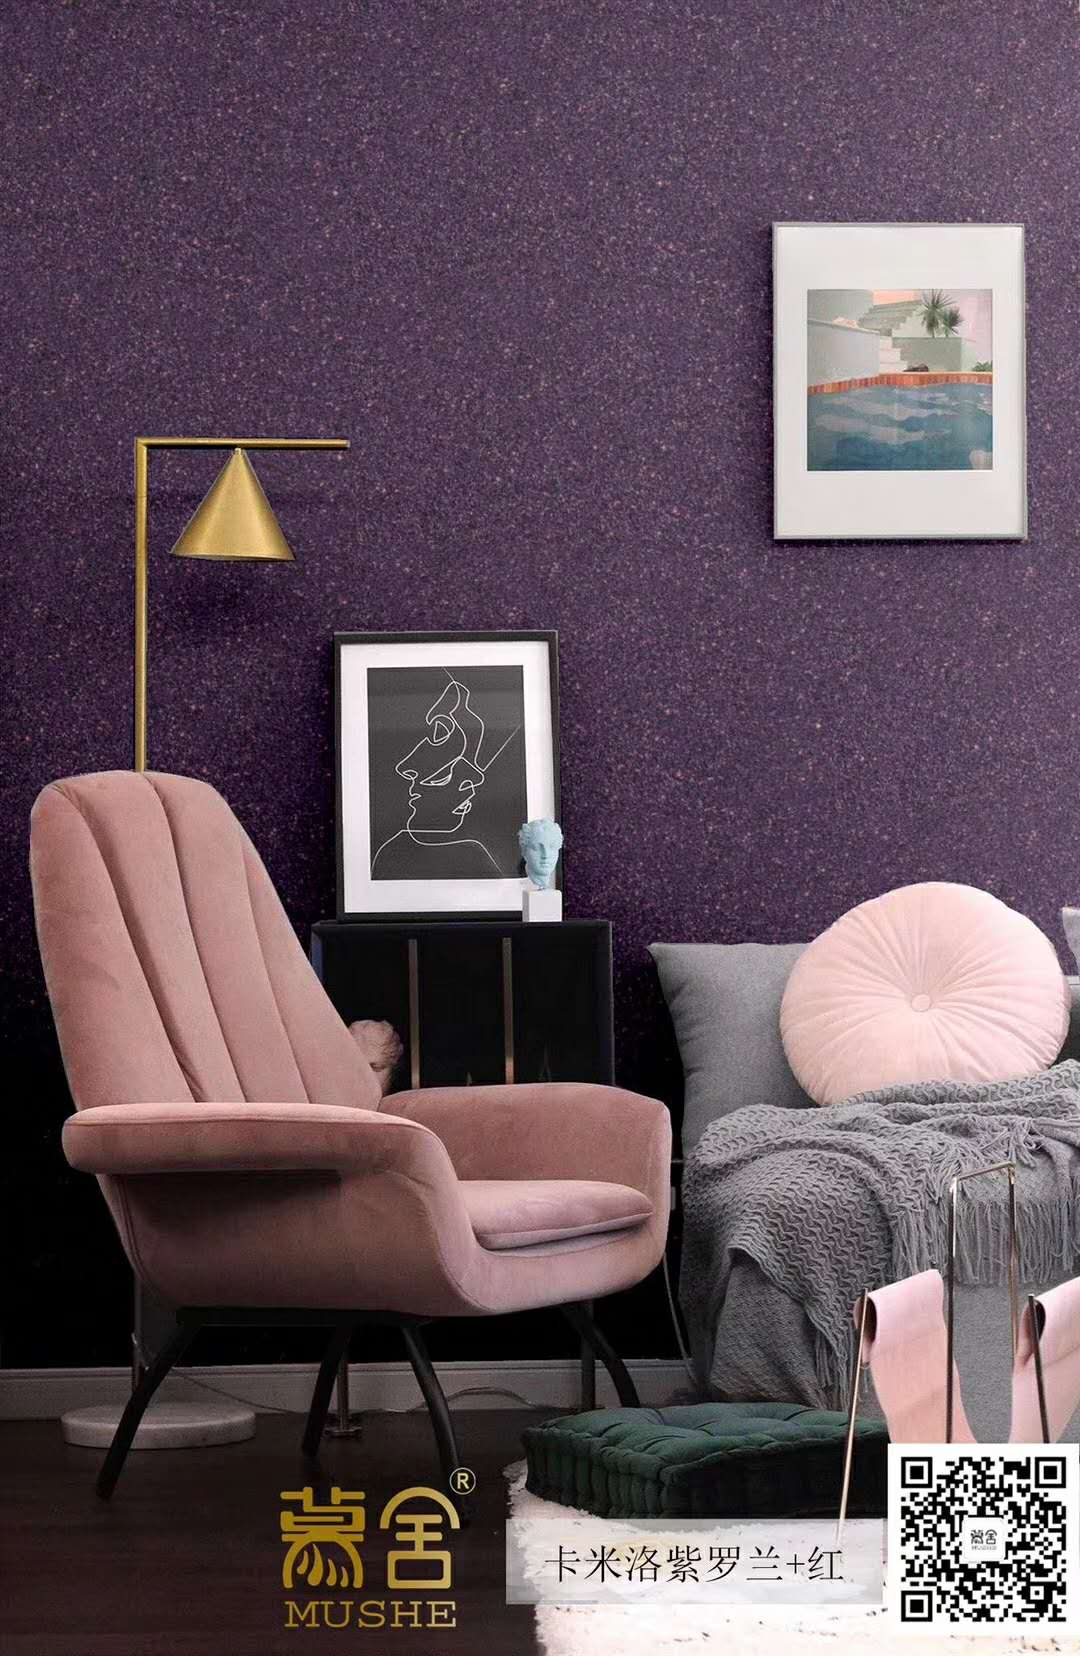 室內裝飾裝修設計風格有哪些?-慕舍環保建材